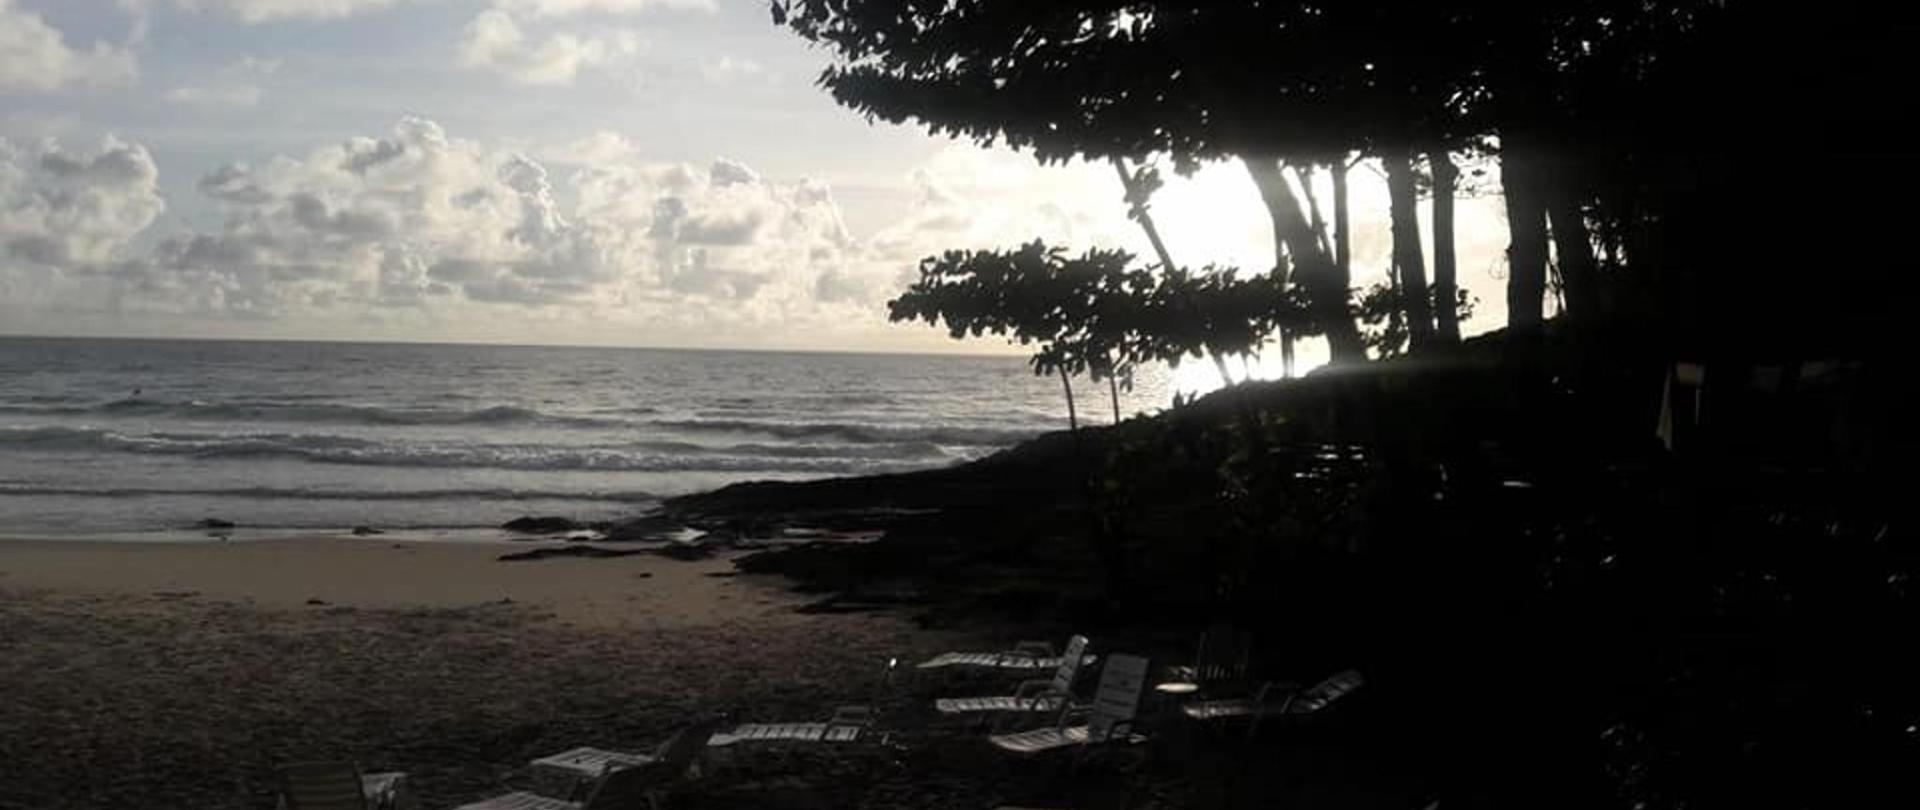 praiarenato4.jpg